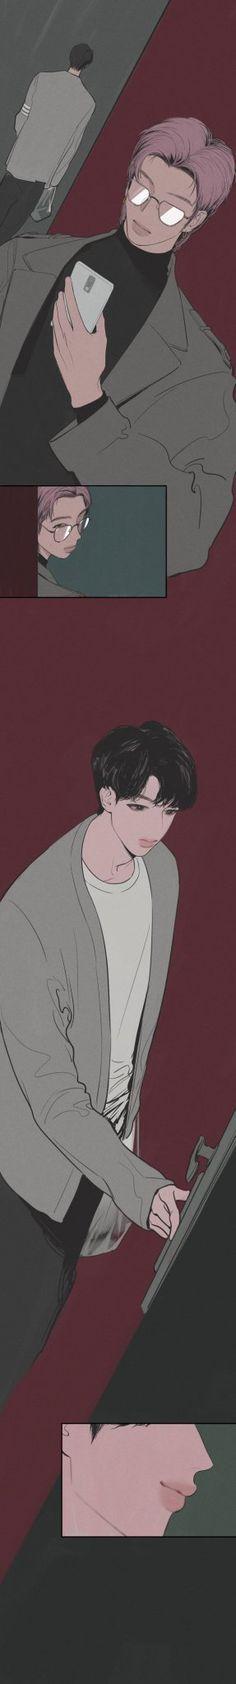 Namjin, K Pop, Bts Drawings, Angel Of Death, Bts Chibi, Bts Fans, Kpop Fanart, Yoonmin, Seokjin